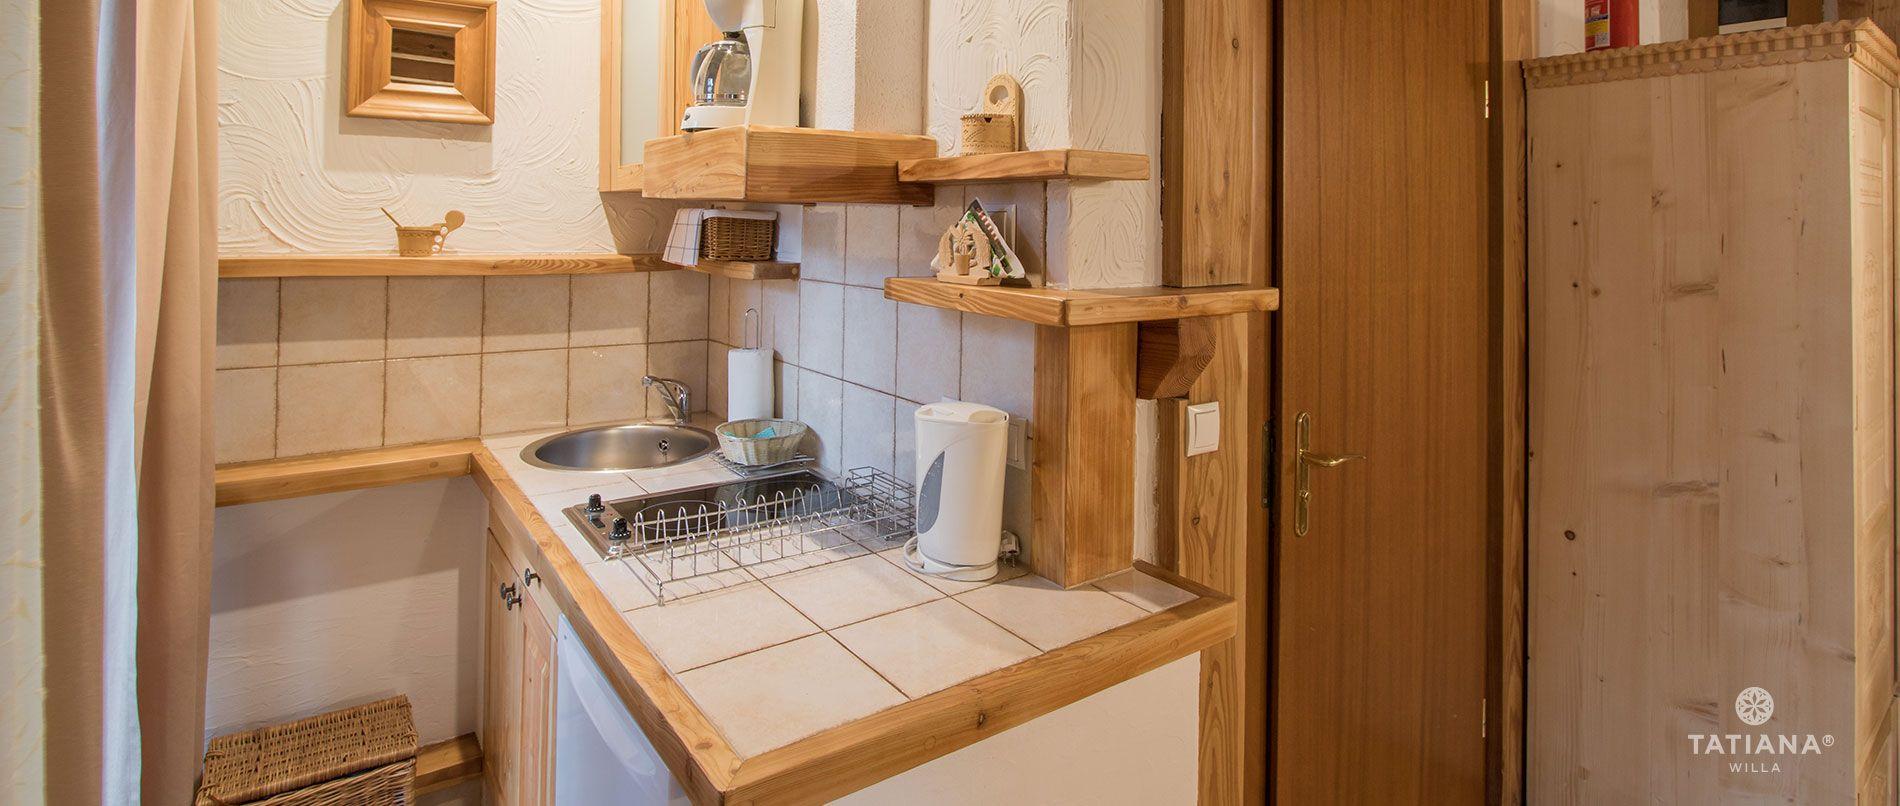 Apartament Premium 4 - aneks kuchenny